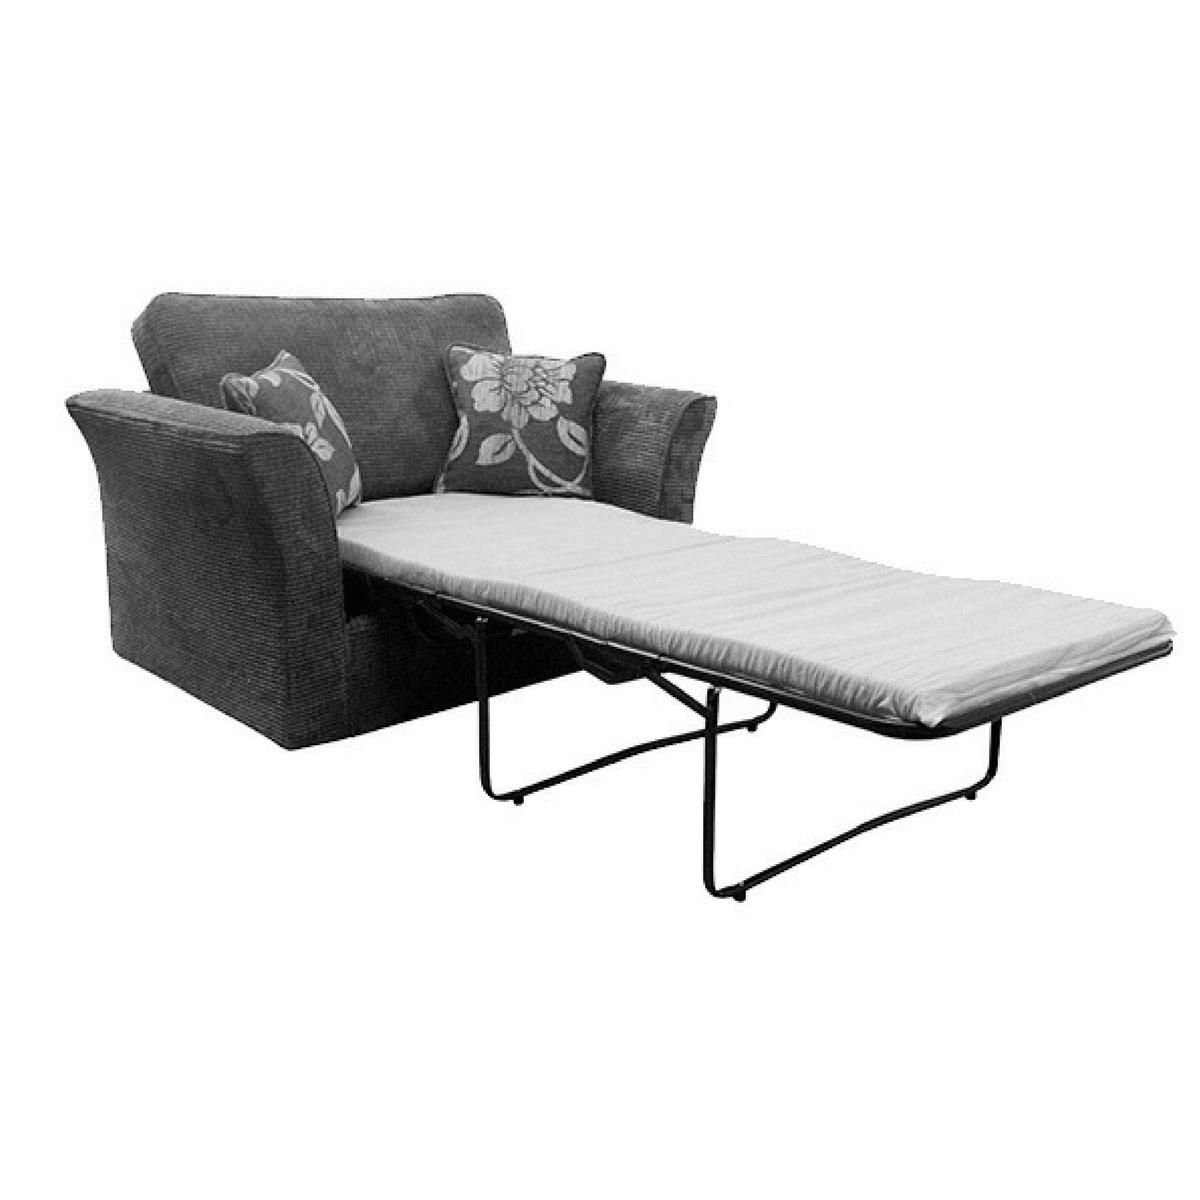 Maya Chair Sofa Bed